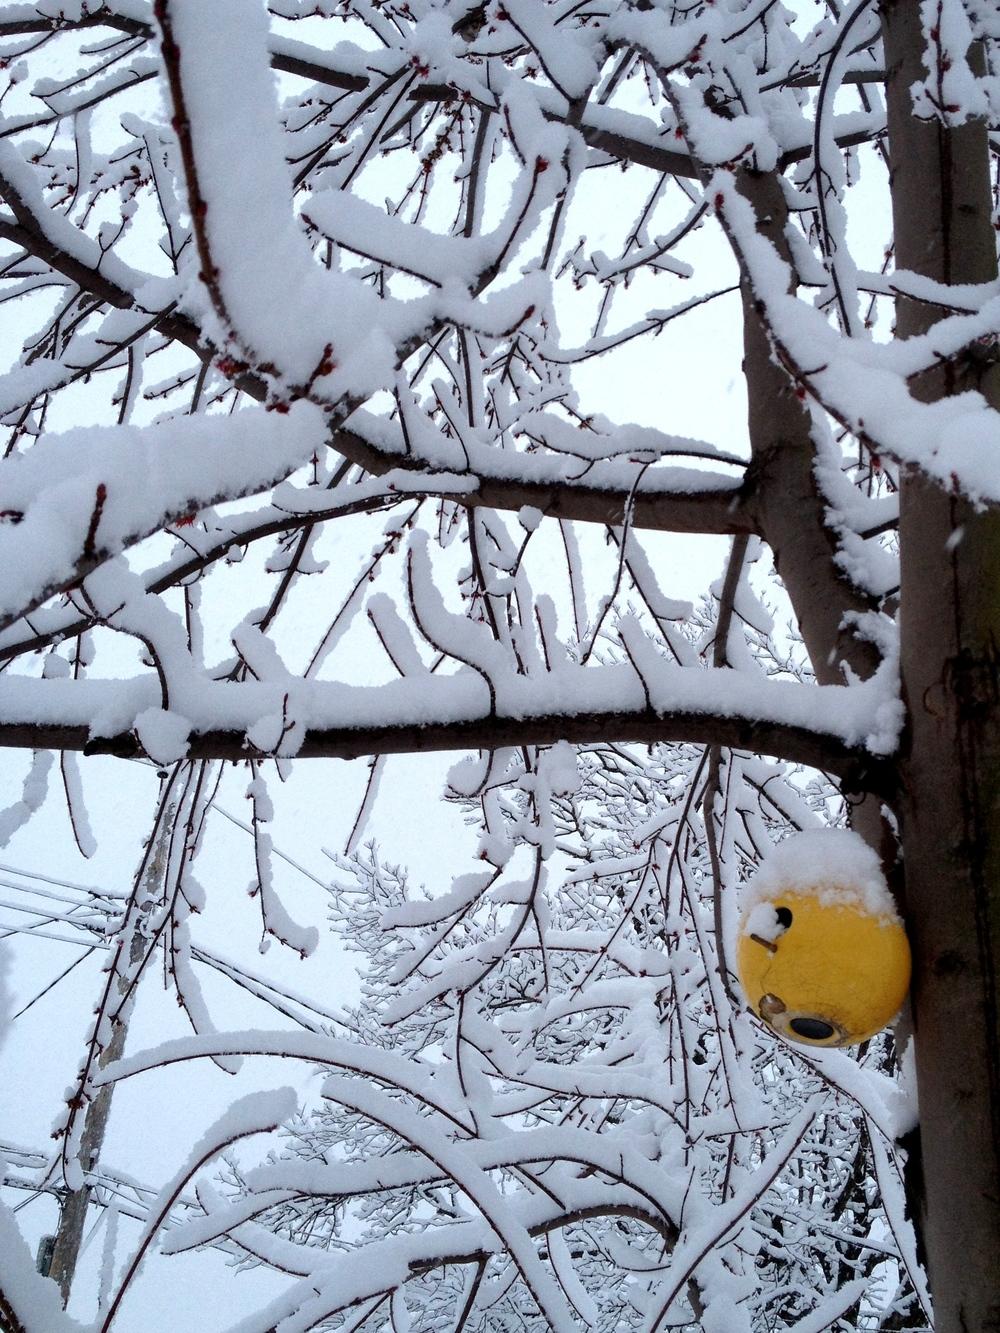 Poor birdies.